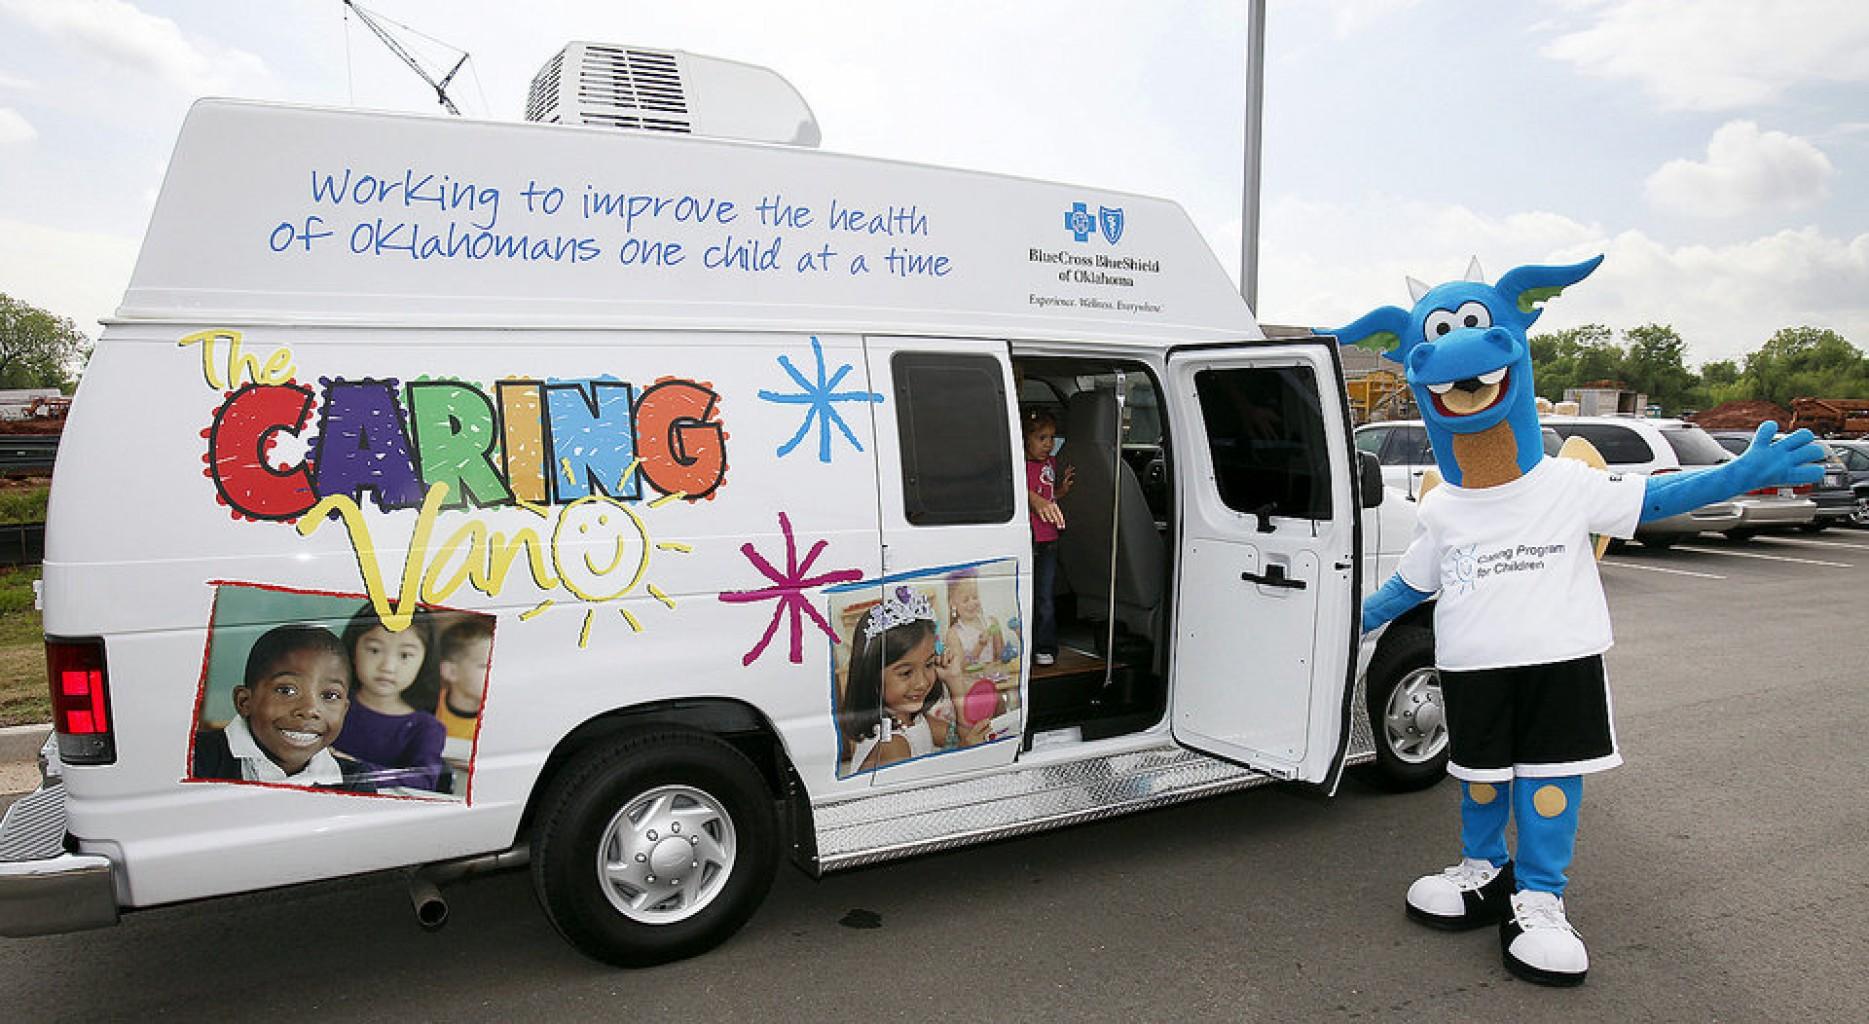 Las clínicas estarán disponibles  para los niños en distintos puntos de la zona metropolitana de Oklahoma City